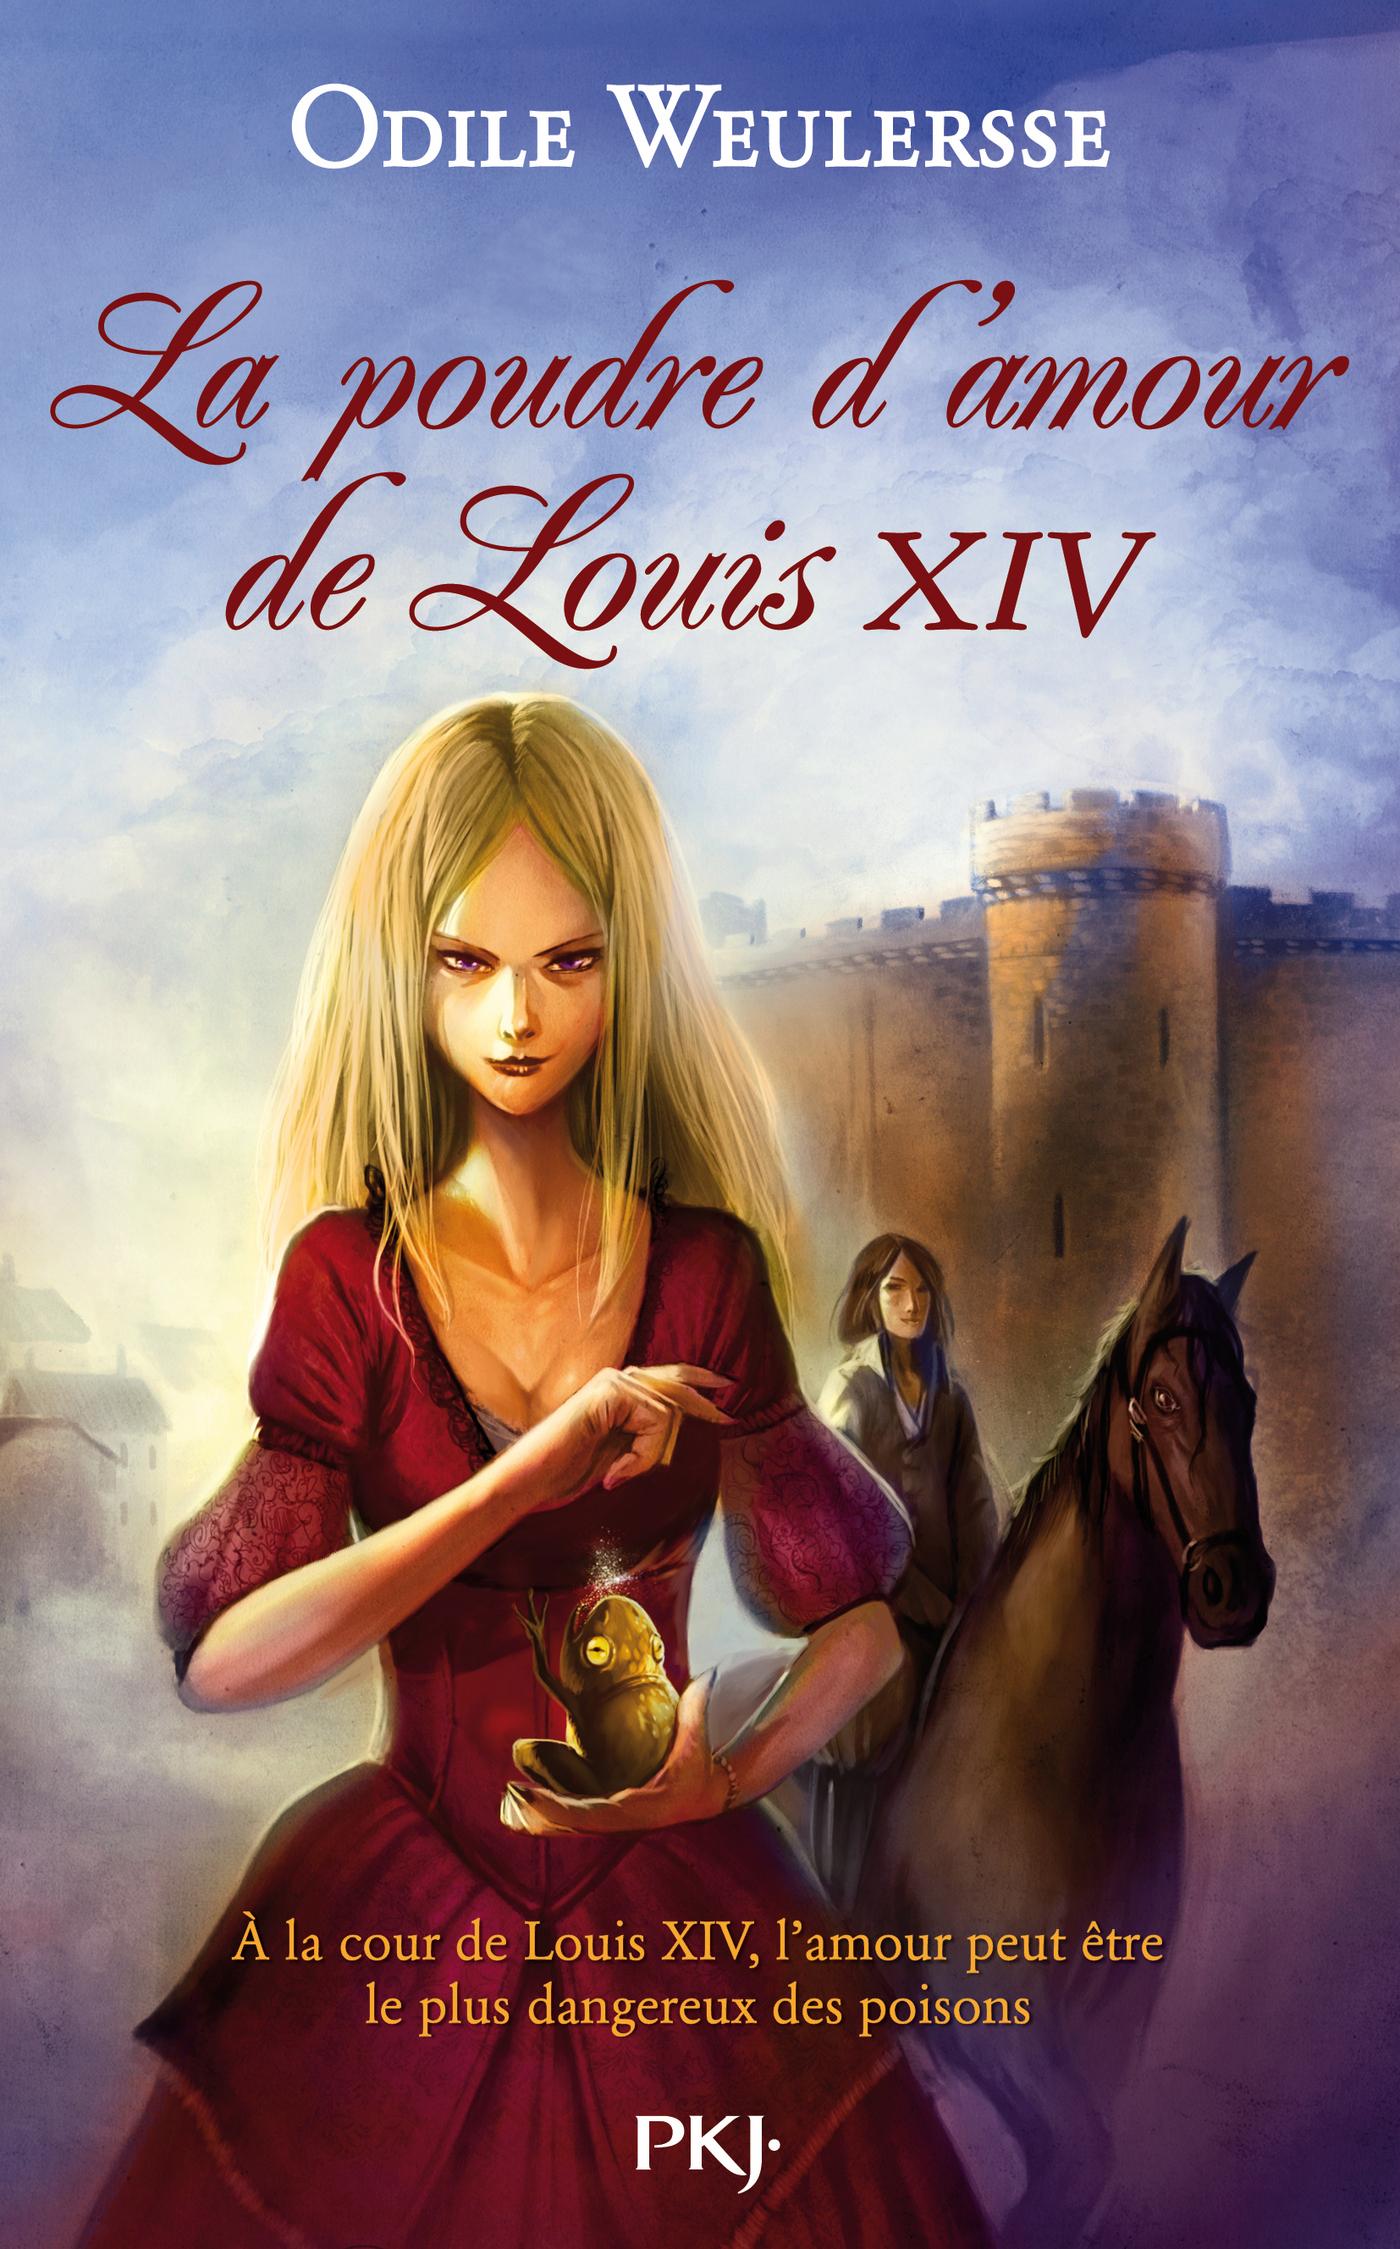 La poudre d'amour de Louis XIV